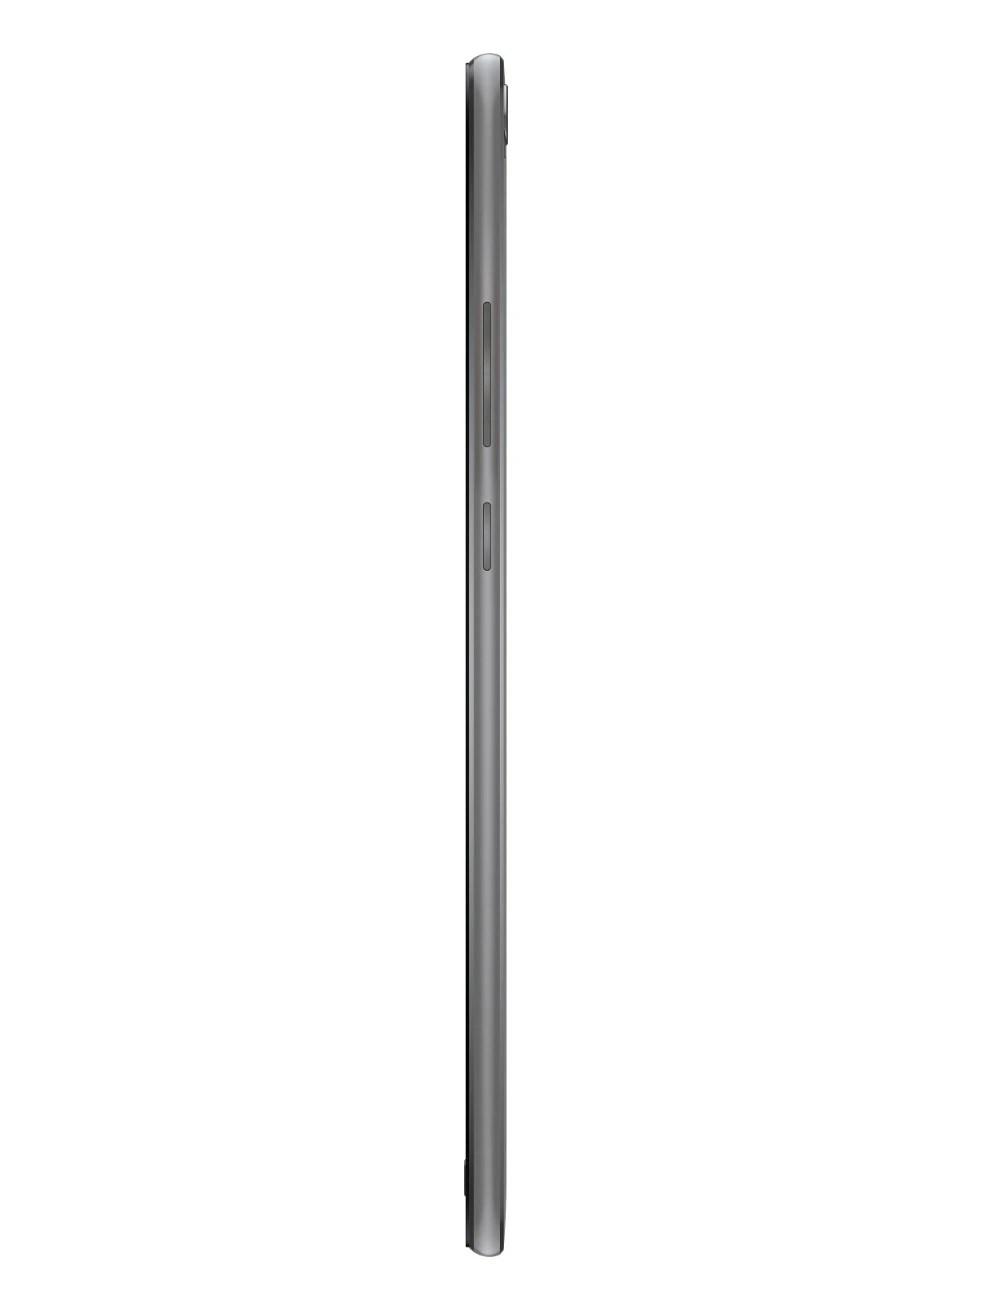 Asus ZenPad Z8s specs